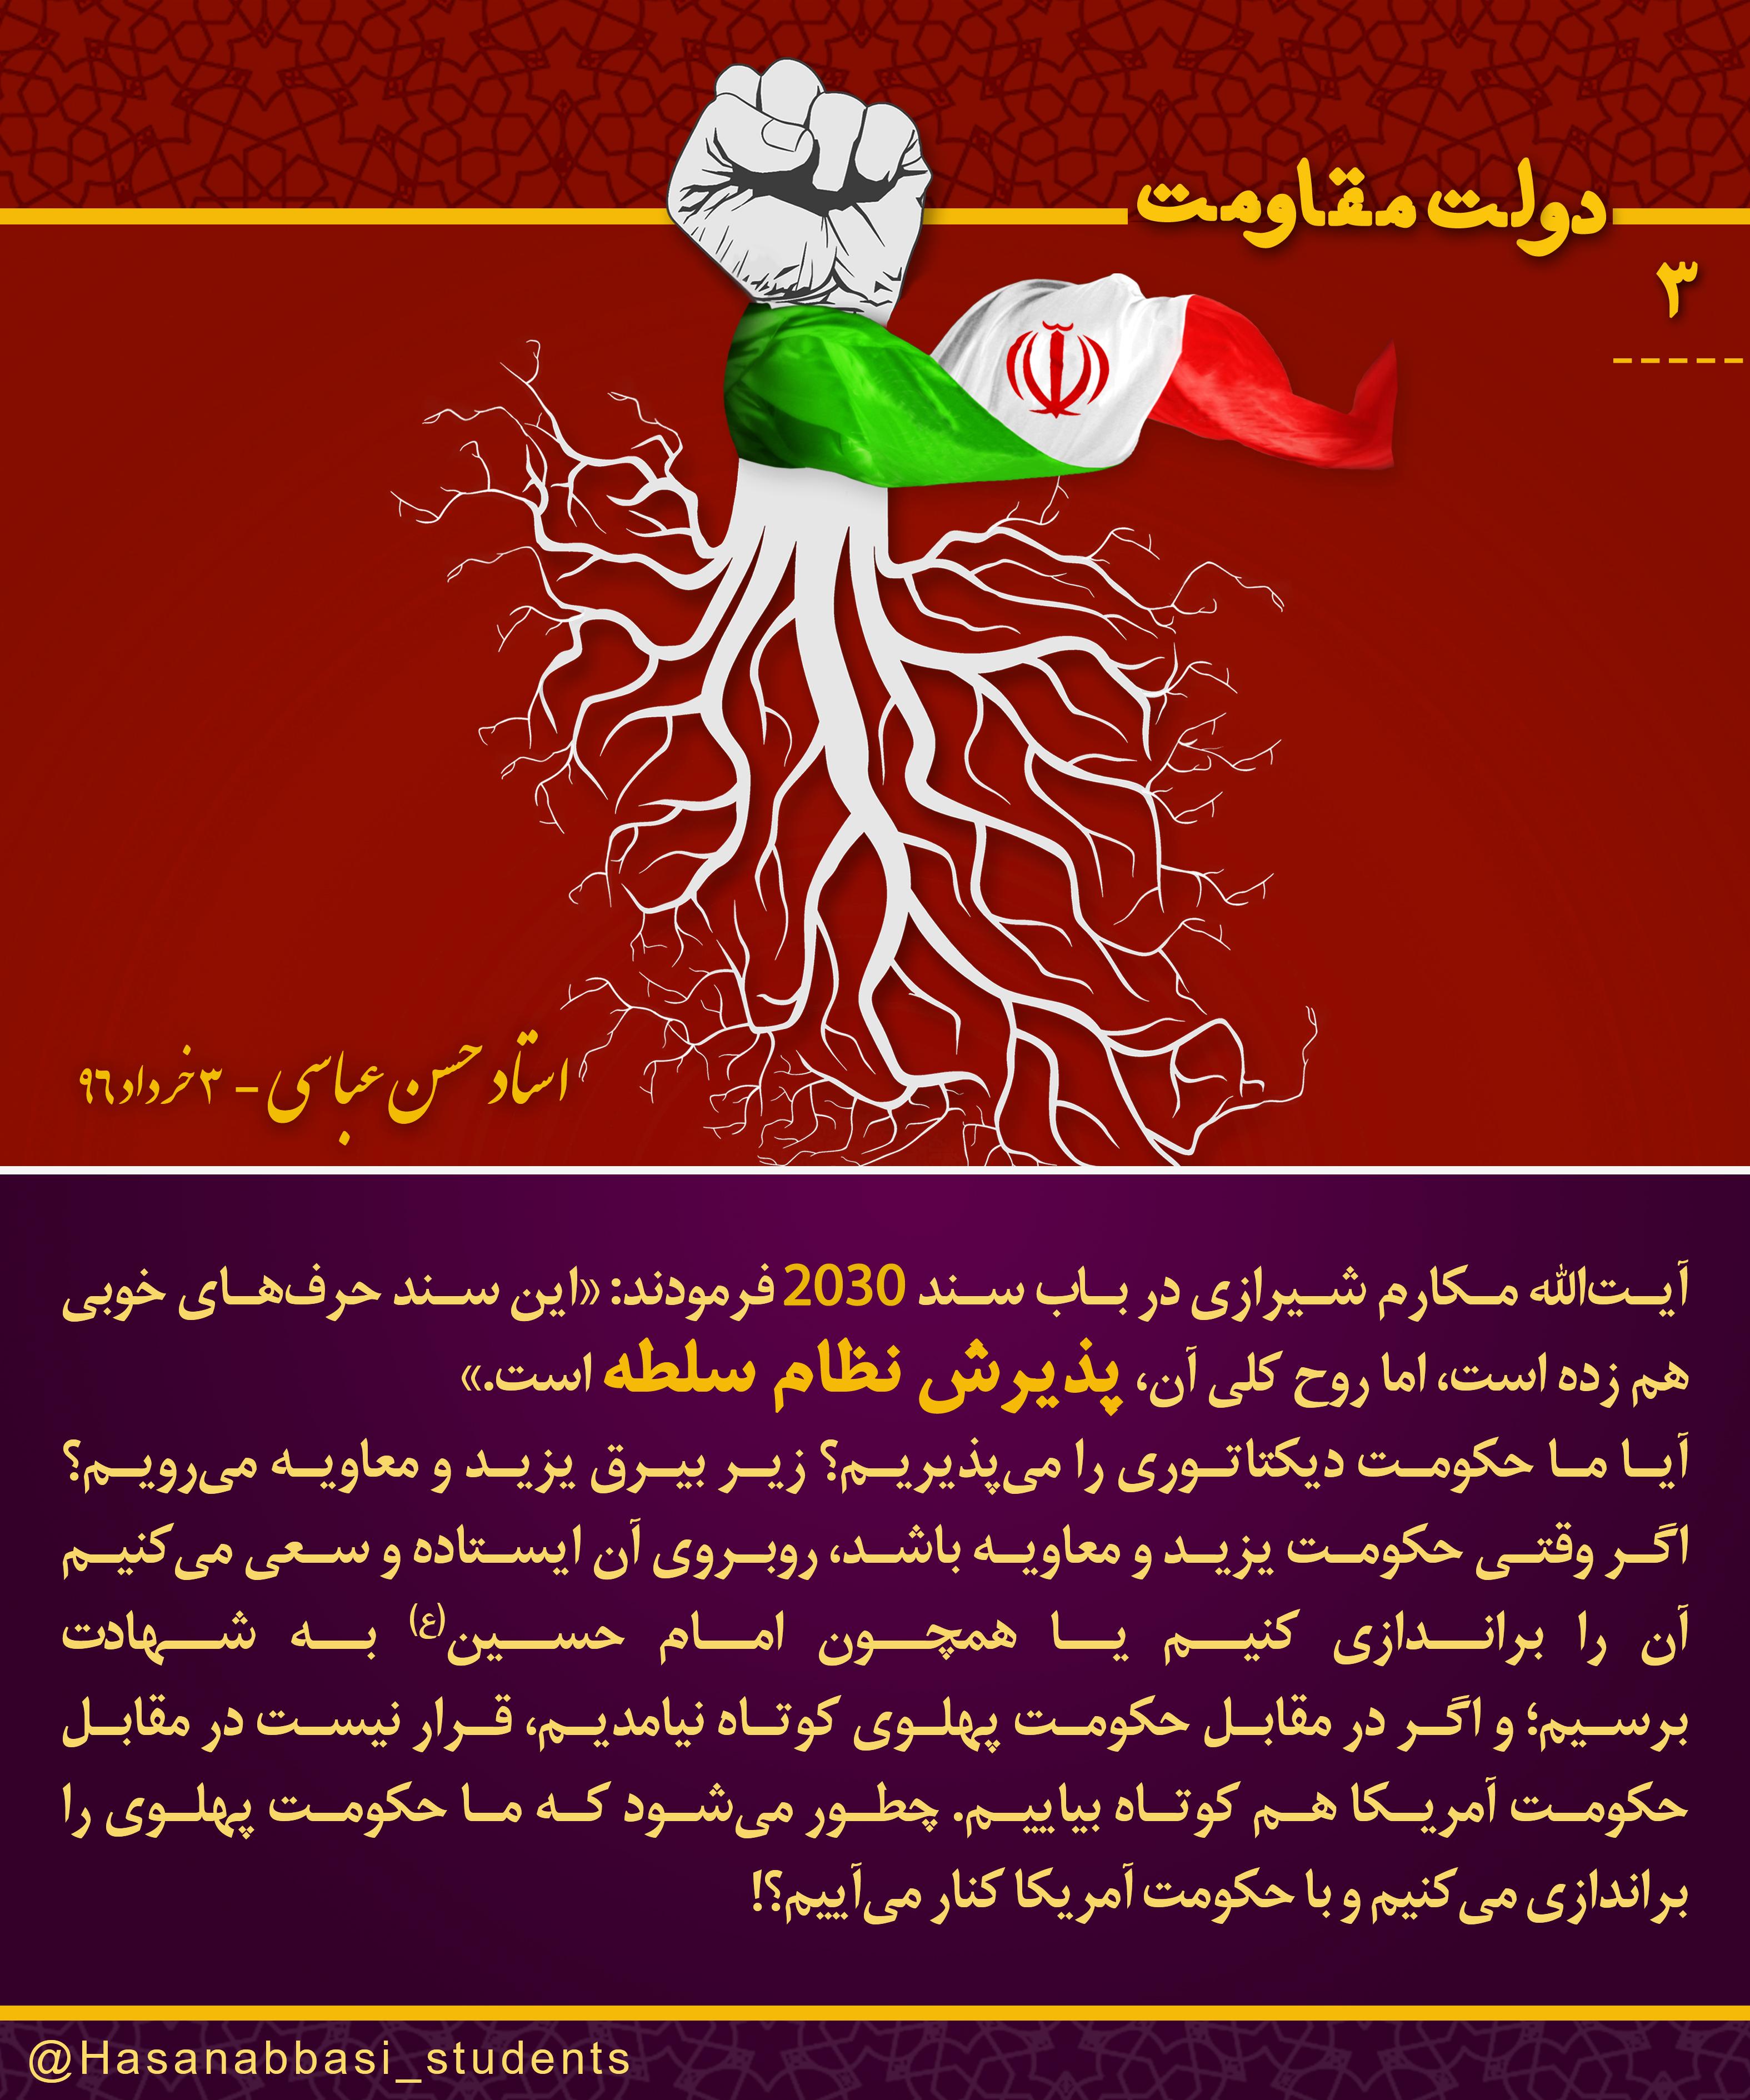 دولت مقاومت ۳ - چطور میشود ما حکومت پهلوی را براندازی میکنیم ولی با حکومت آمریکا کنار میآییم؟